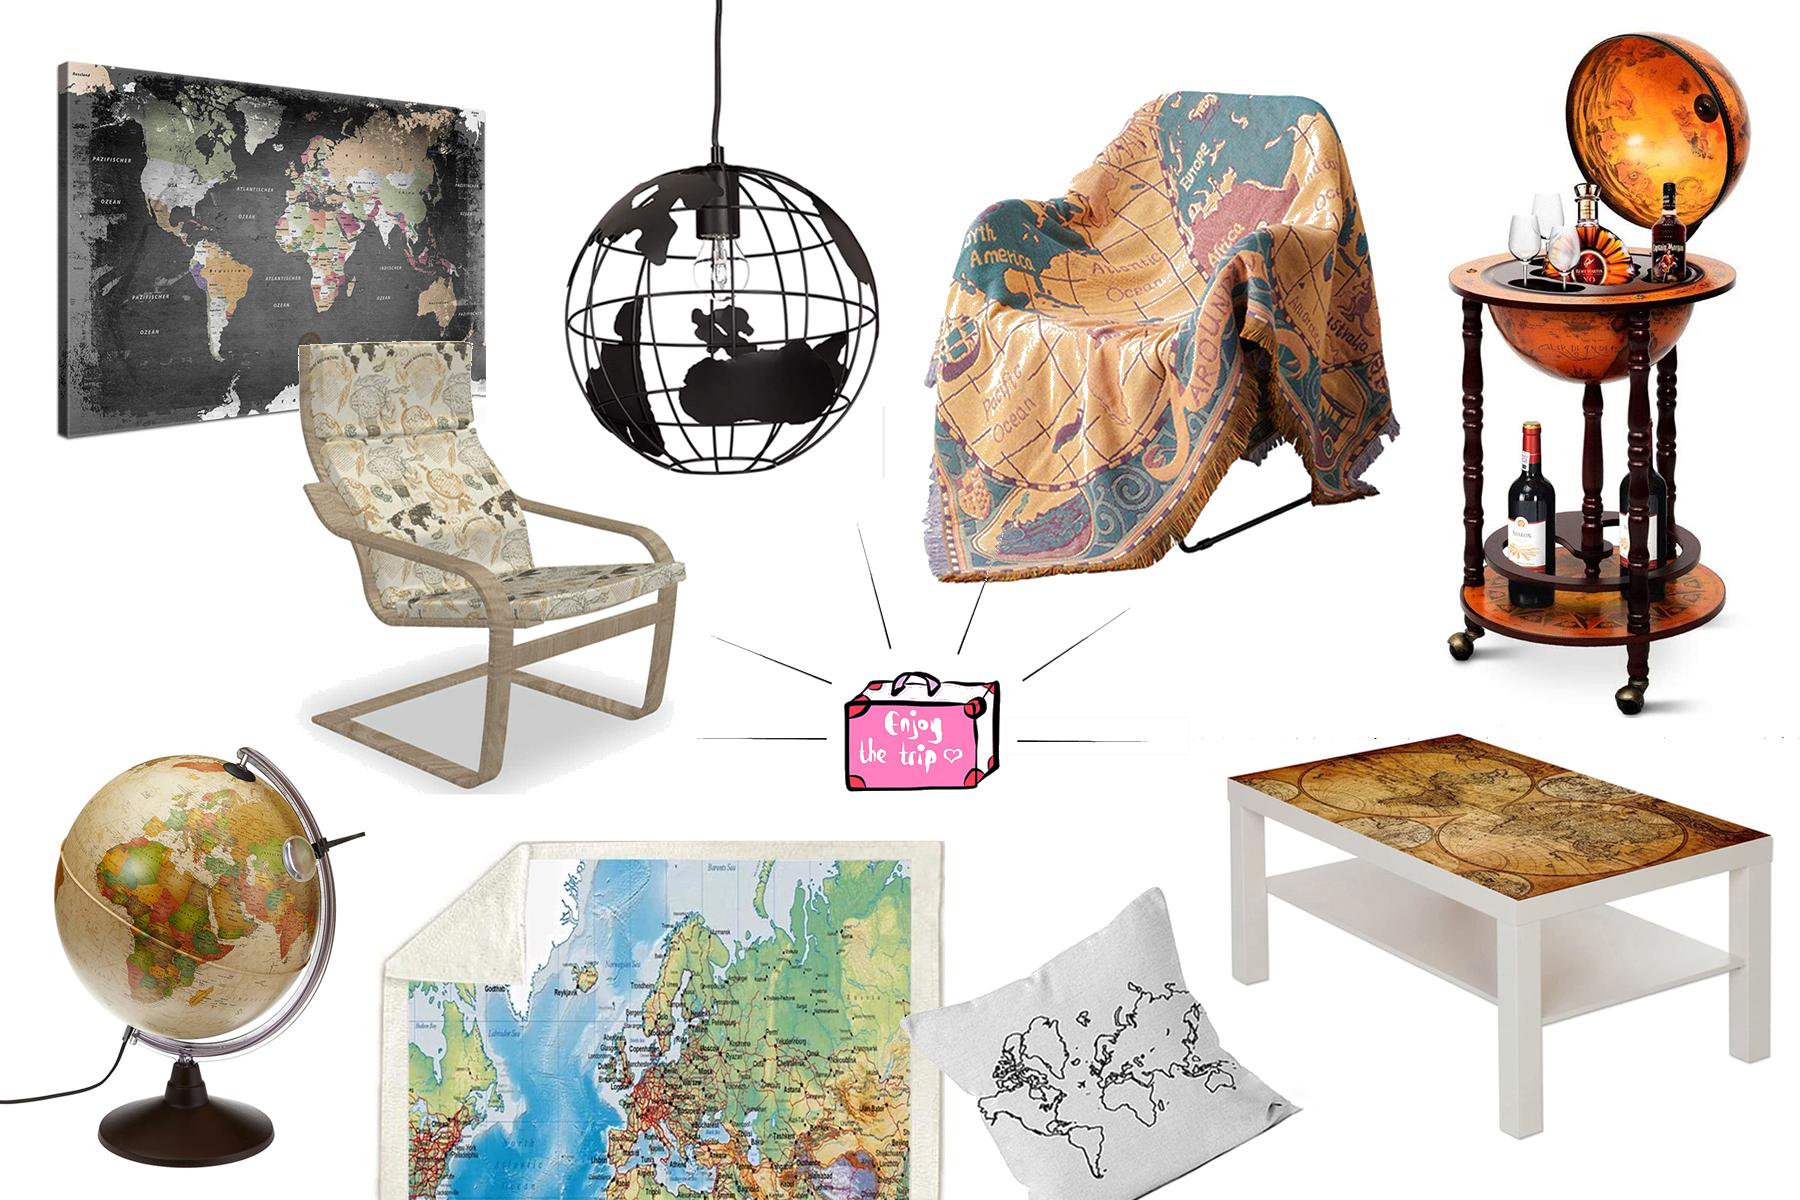 Virtuell reisen: Die besten Tipps für einen Urlaub im Kopf